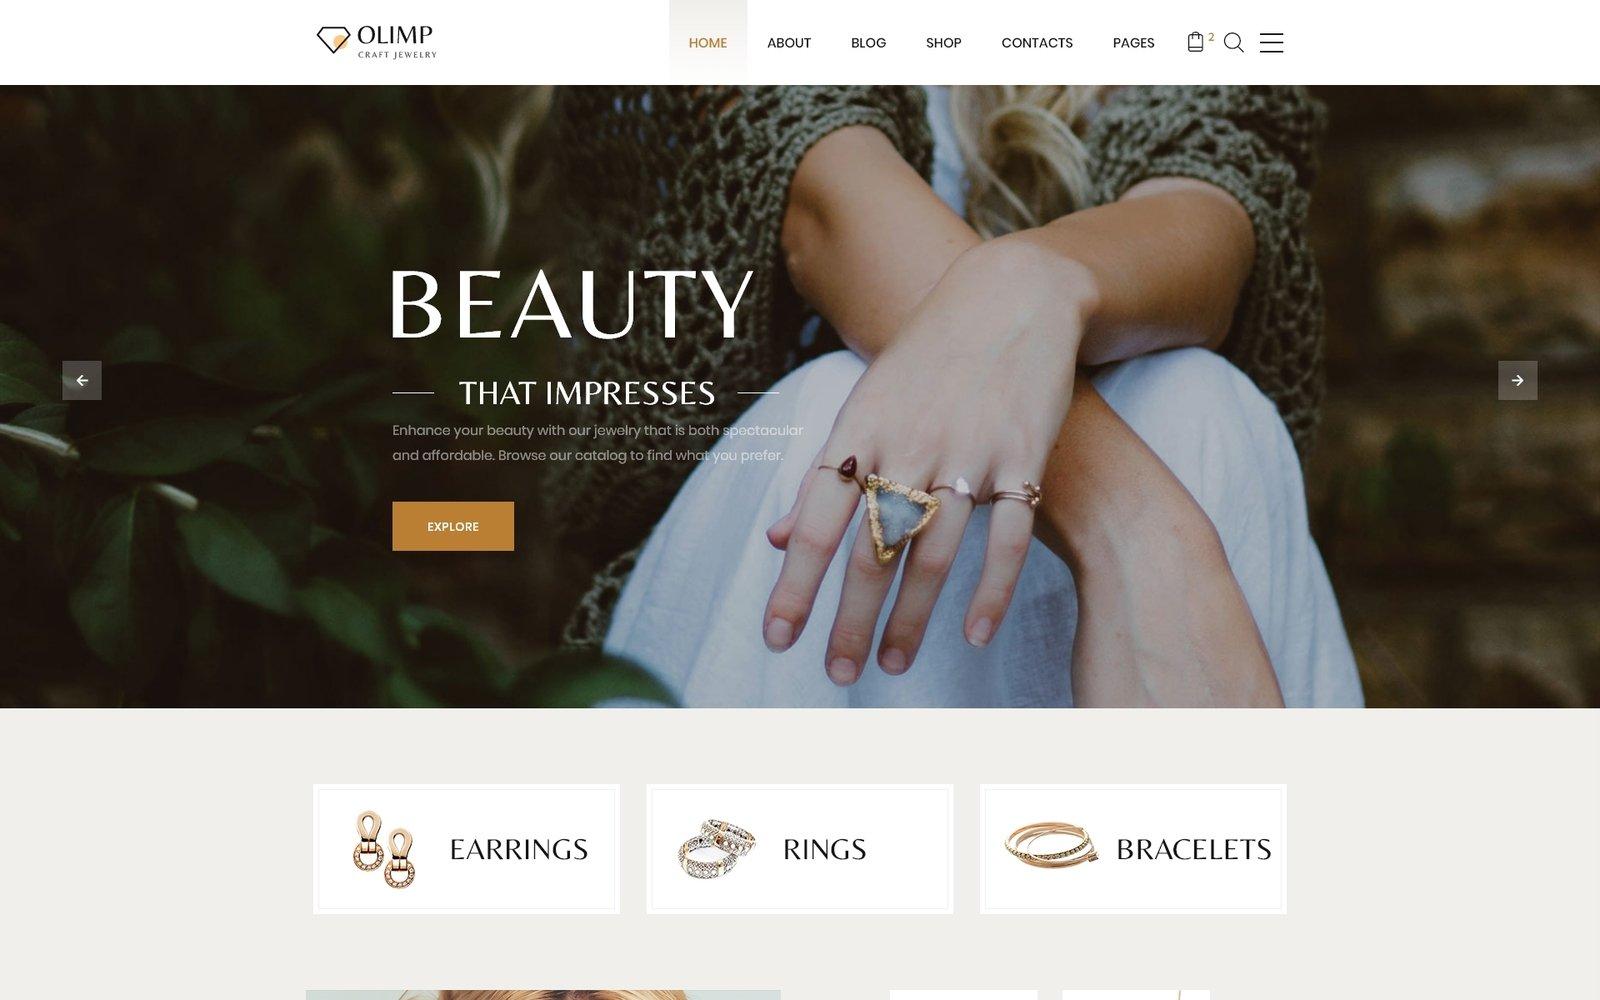 Ziemlich Grundlegende Website Vorlage Galerie - Beispiel Business ...